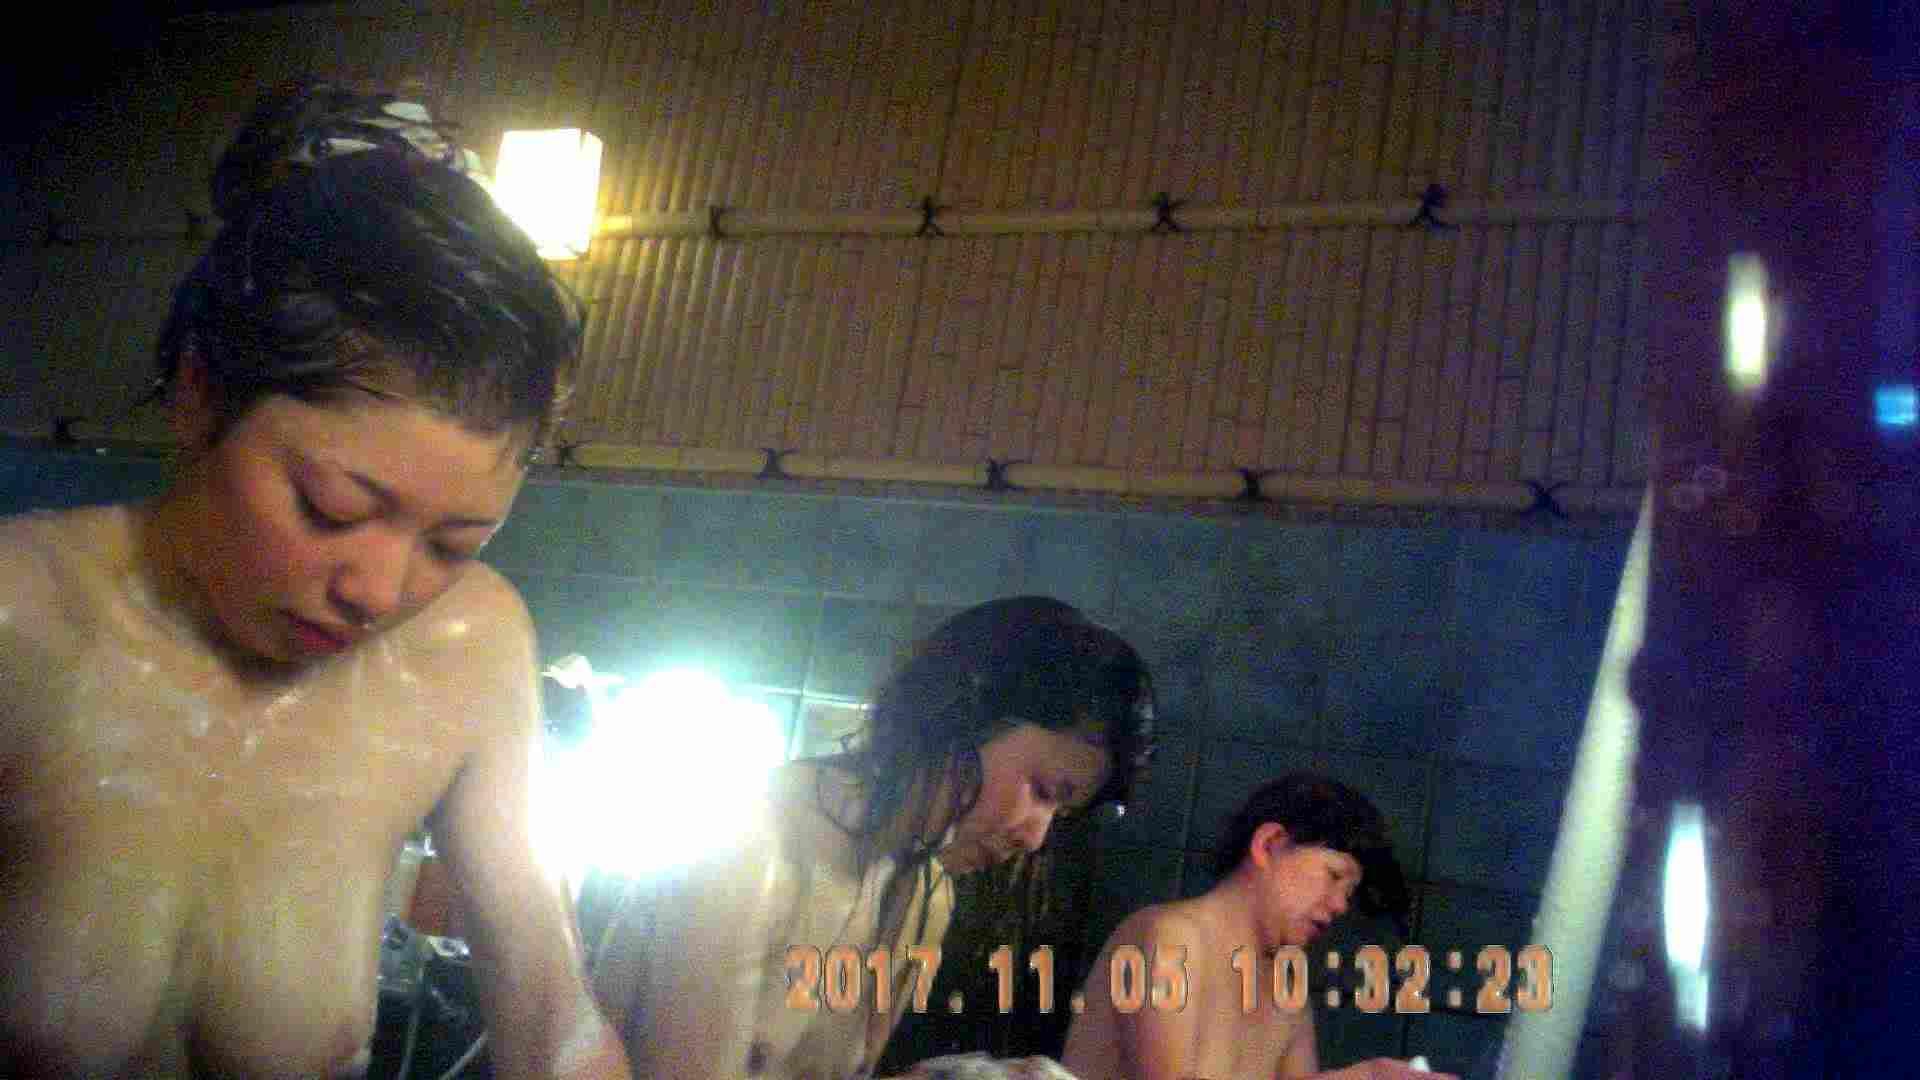 巨乳おまんこ:TG.07 【上等兵】顔立ちはっきりオッパイもっちりのお嬢さん:怪盗ジョーカー